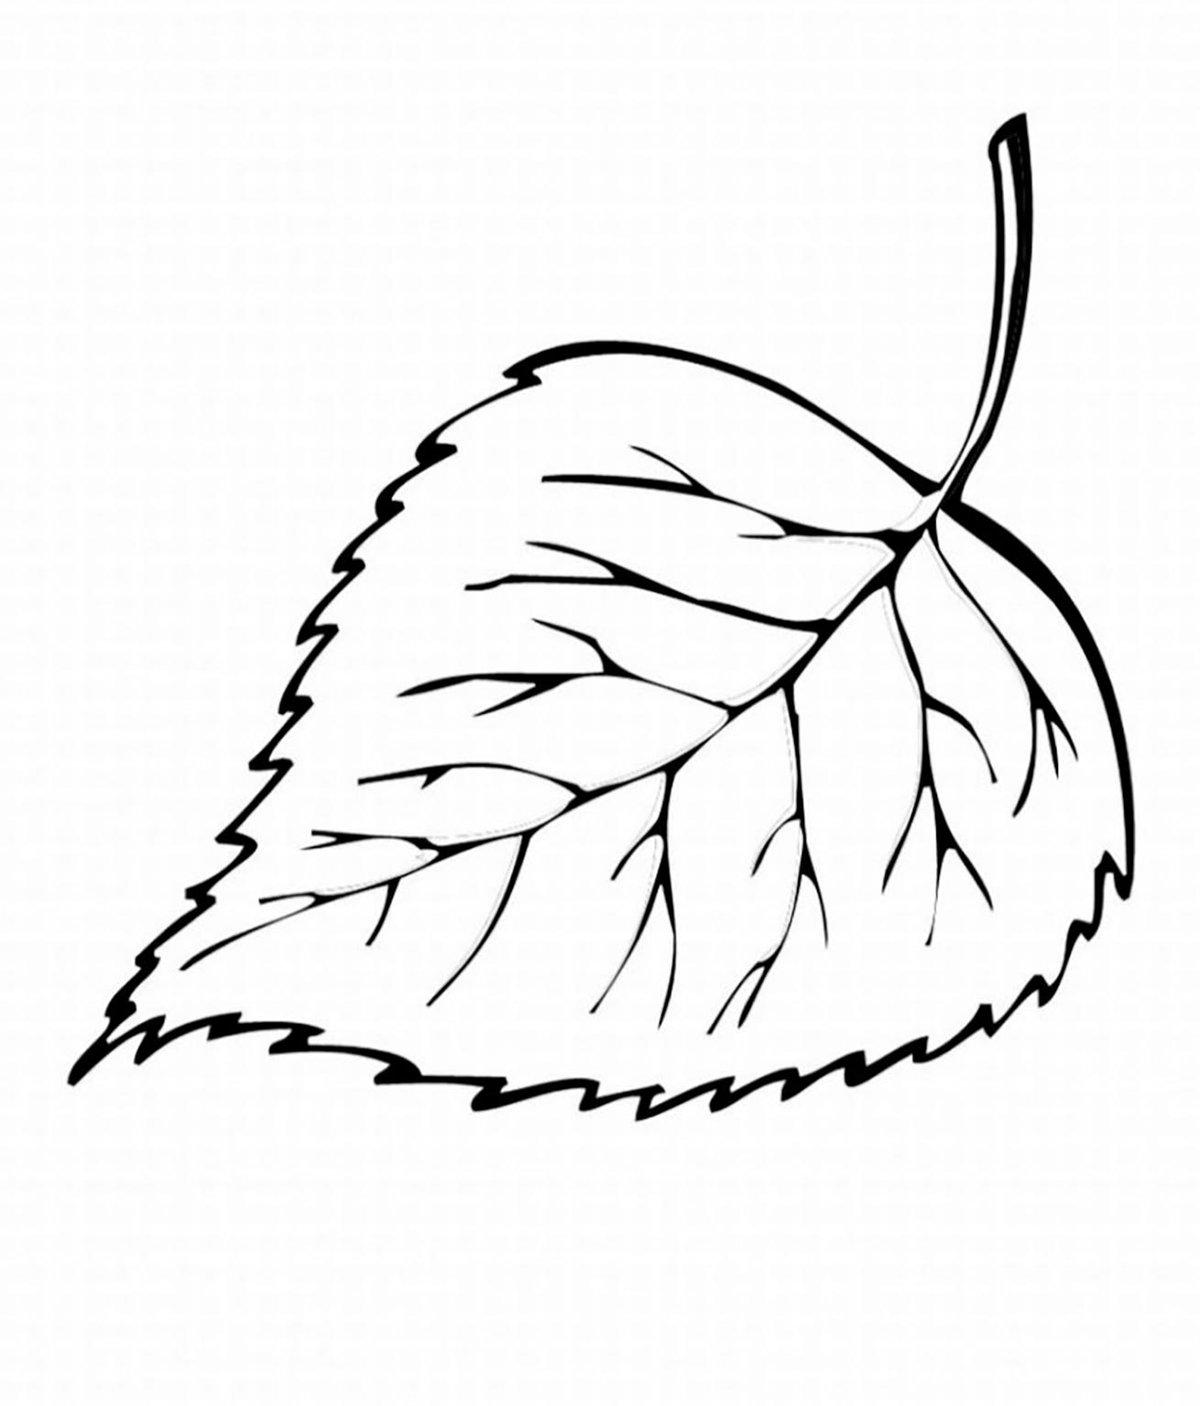 после окрашивания картинка раскраска осенние листья большинстве случаев бодиарте